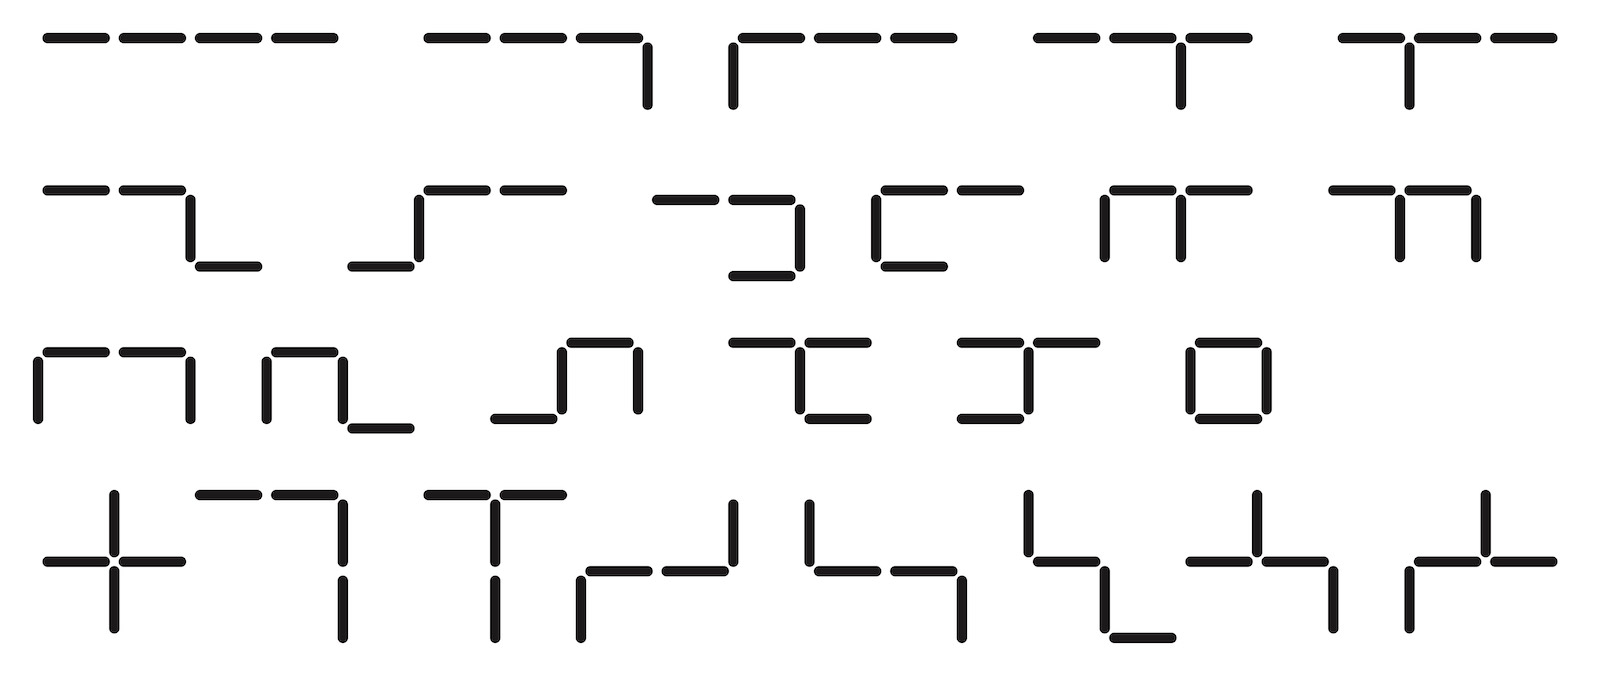 Tetrasticks 25 01